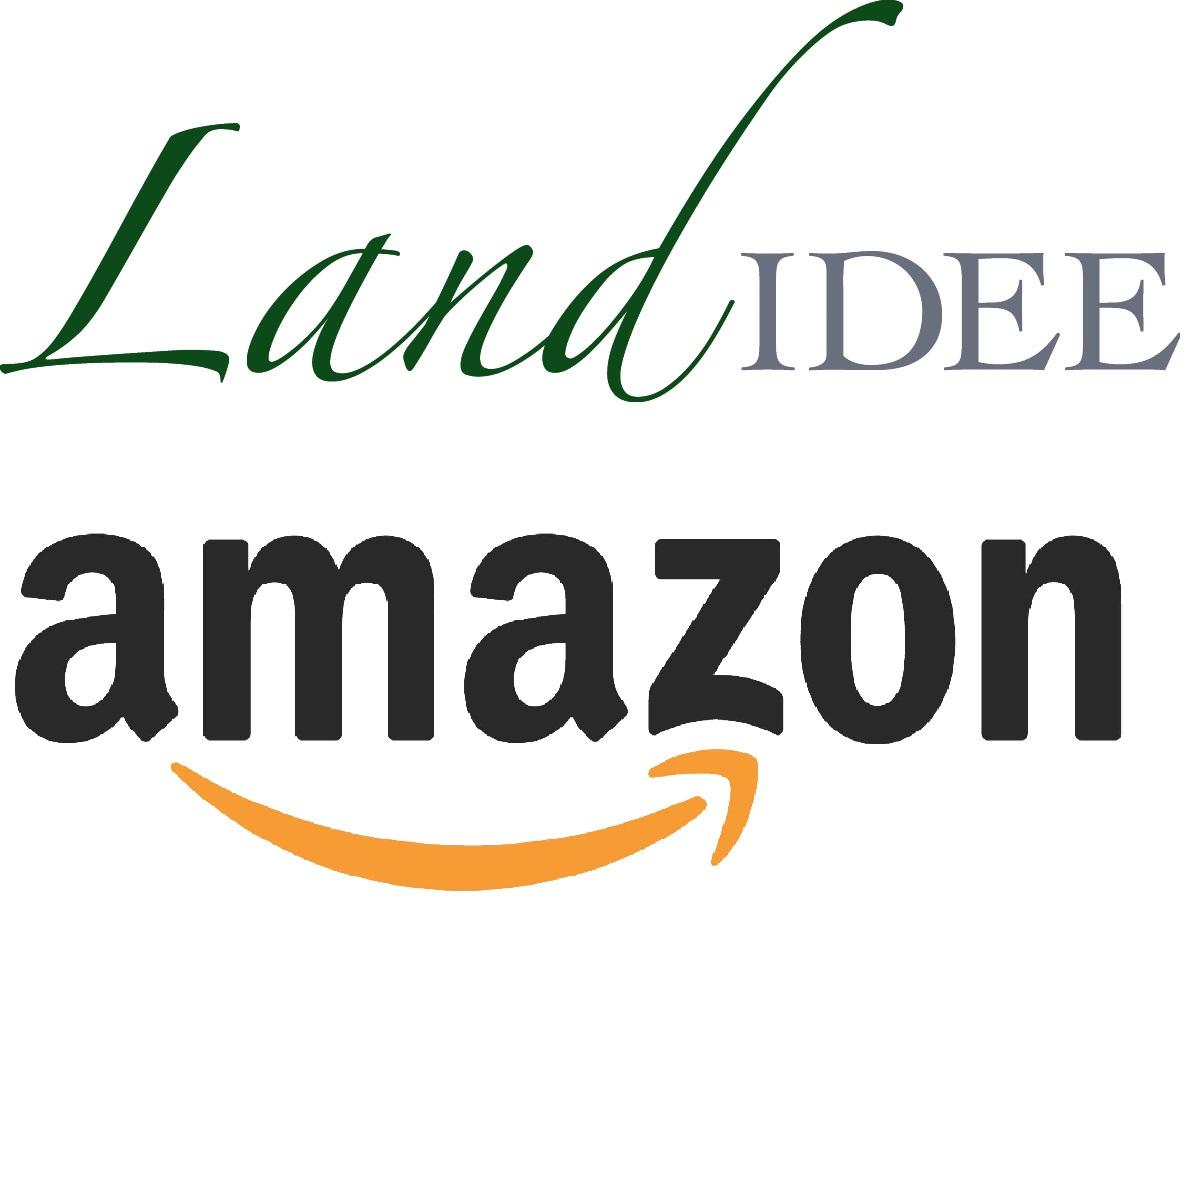 5€ Amazon.de Gutschein + 5€ Cashback via Questler.de für ein Landidee Miniabo